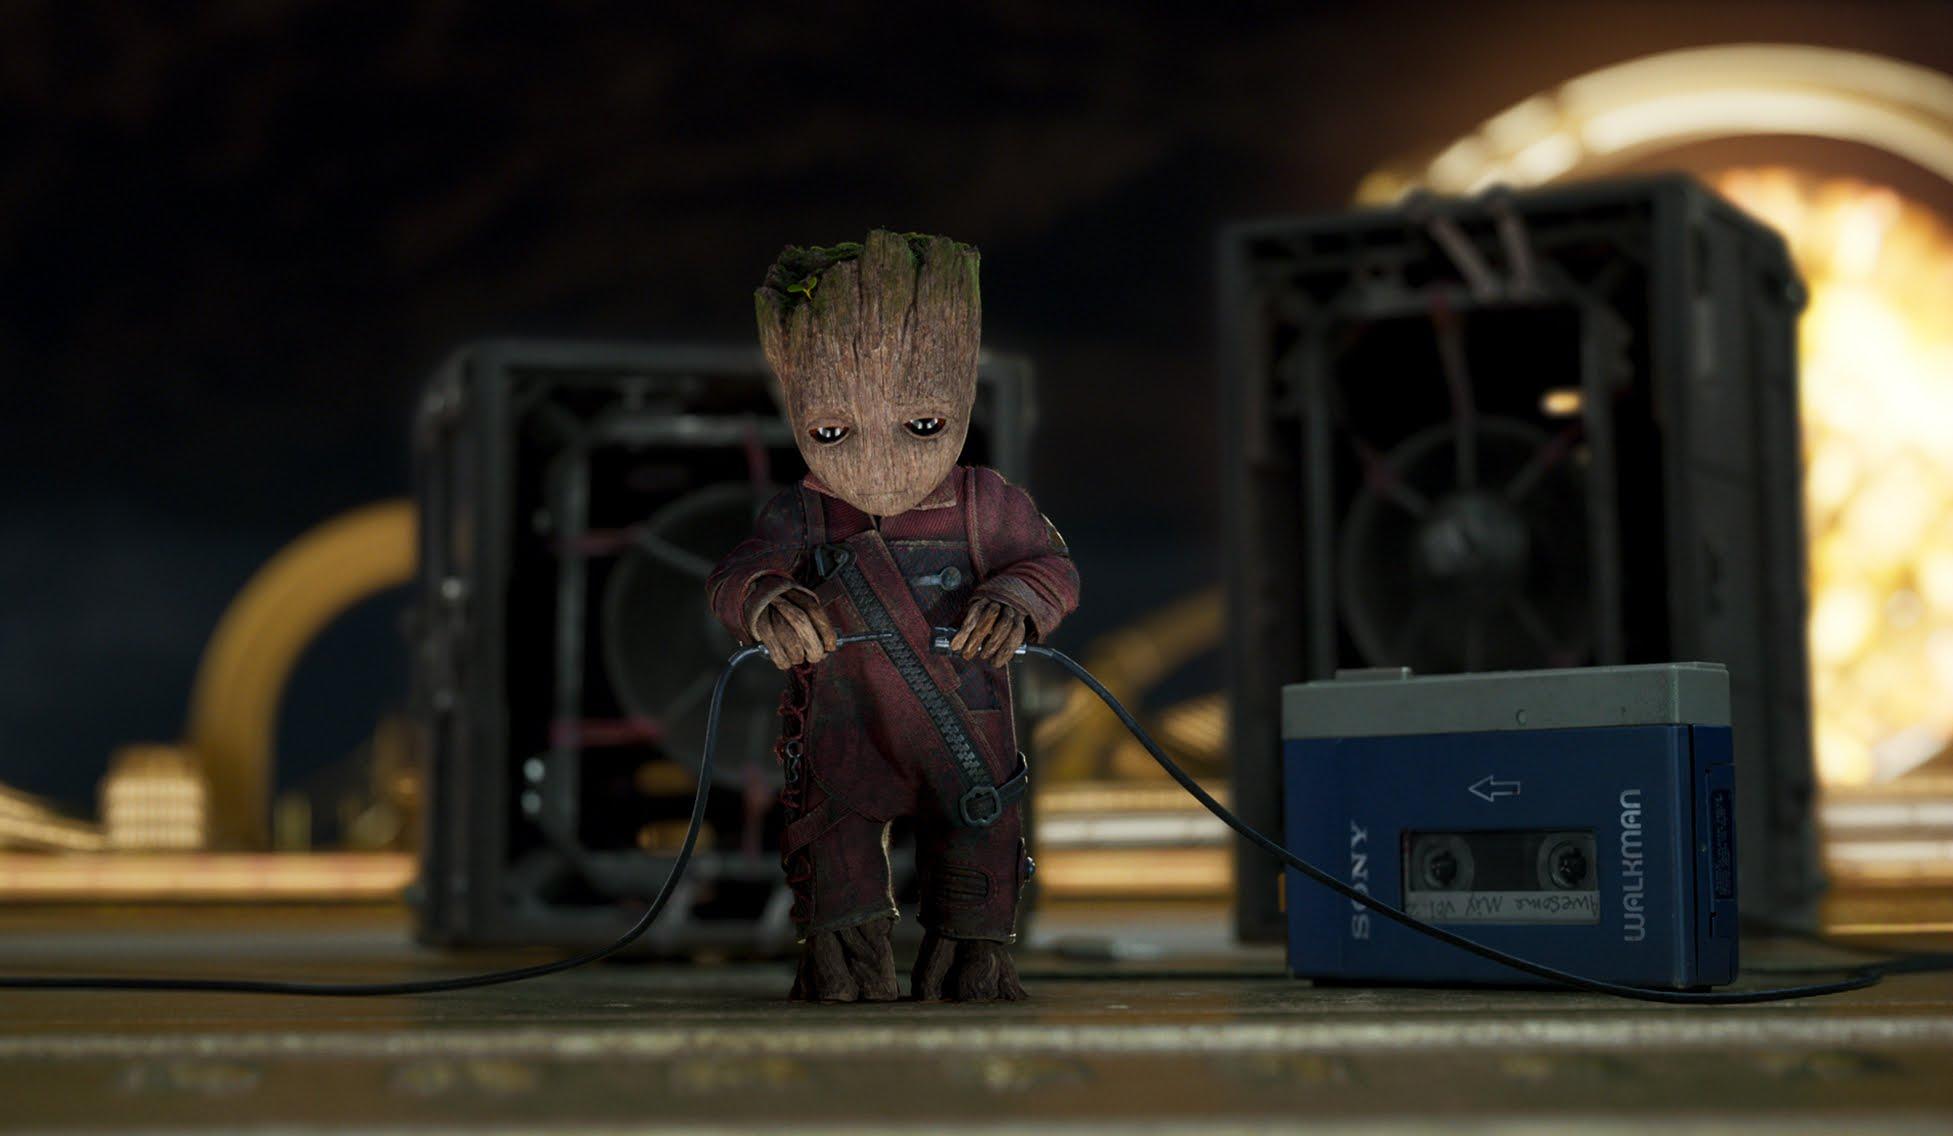 Guardians of the Galaxy 3 : ディズニー・マーベルに晴れて復帰を果たしたジェームズ・ガン監督の次回作「ガーディアンズ・オブ・ザ・ギャラクシー Vol.3」が撮影を開始する時期の見込みが、早くも伝えられた ! !